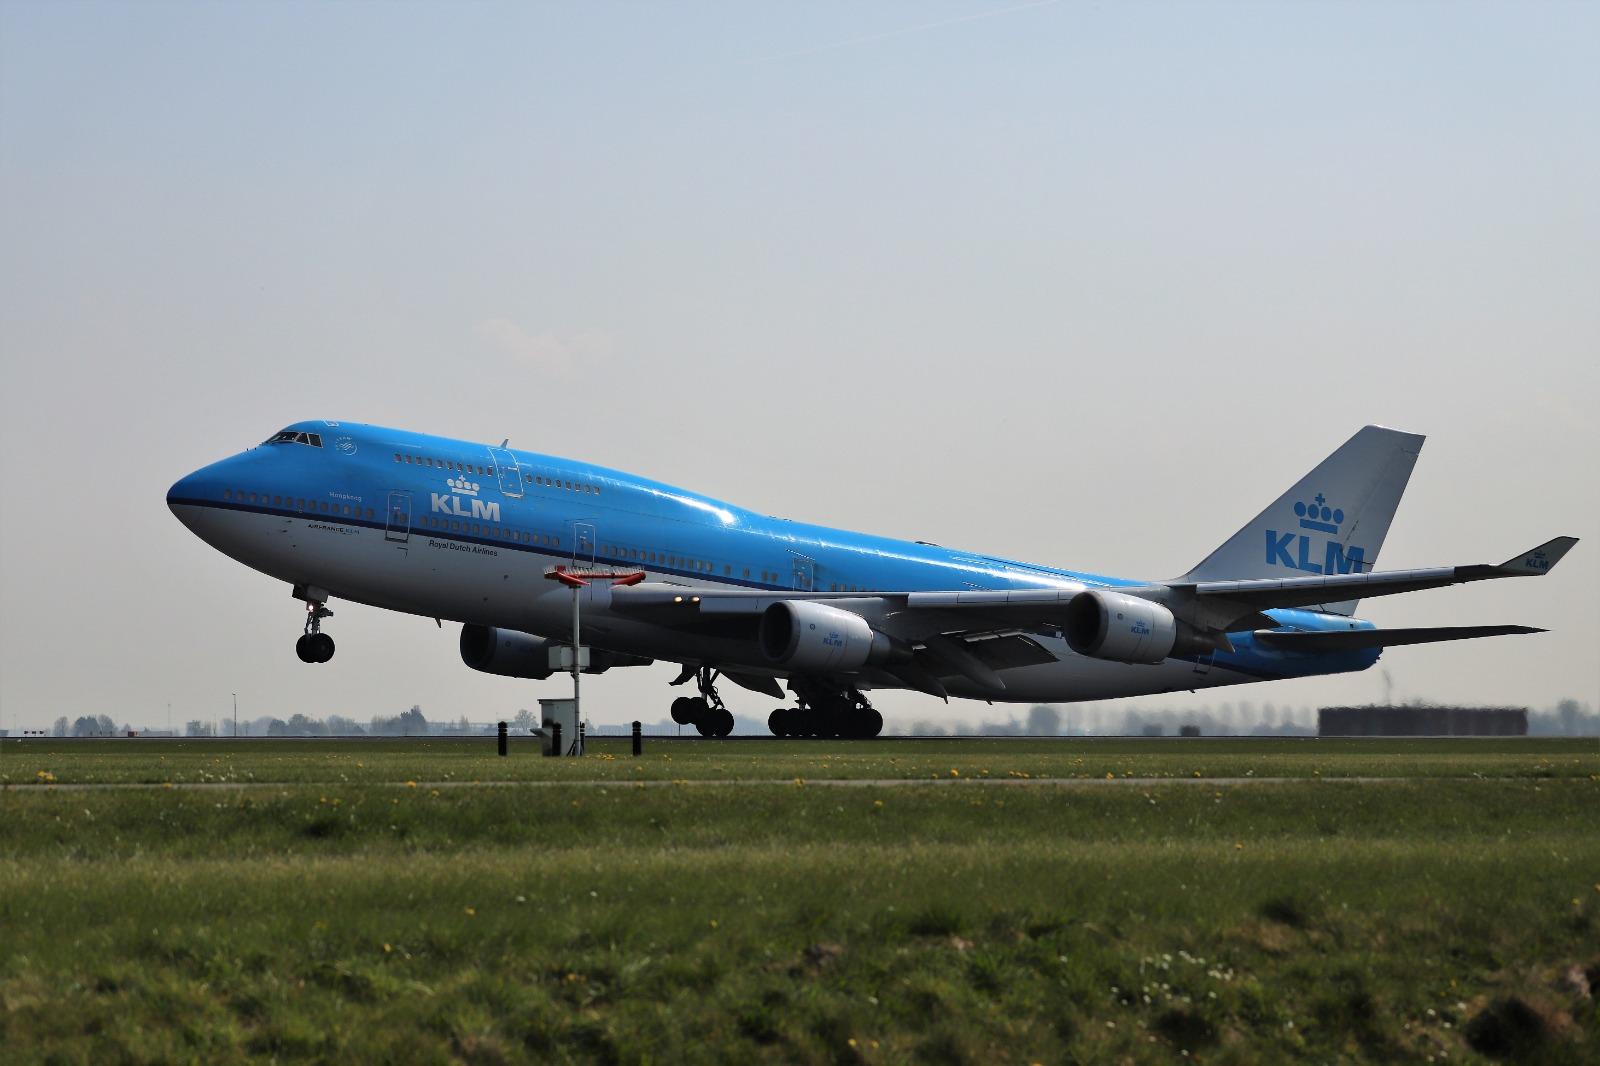 Maandag vertraging op Schiphol; KLM-grondpersoneel staakt